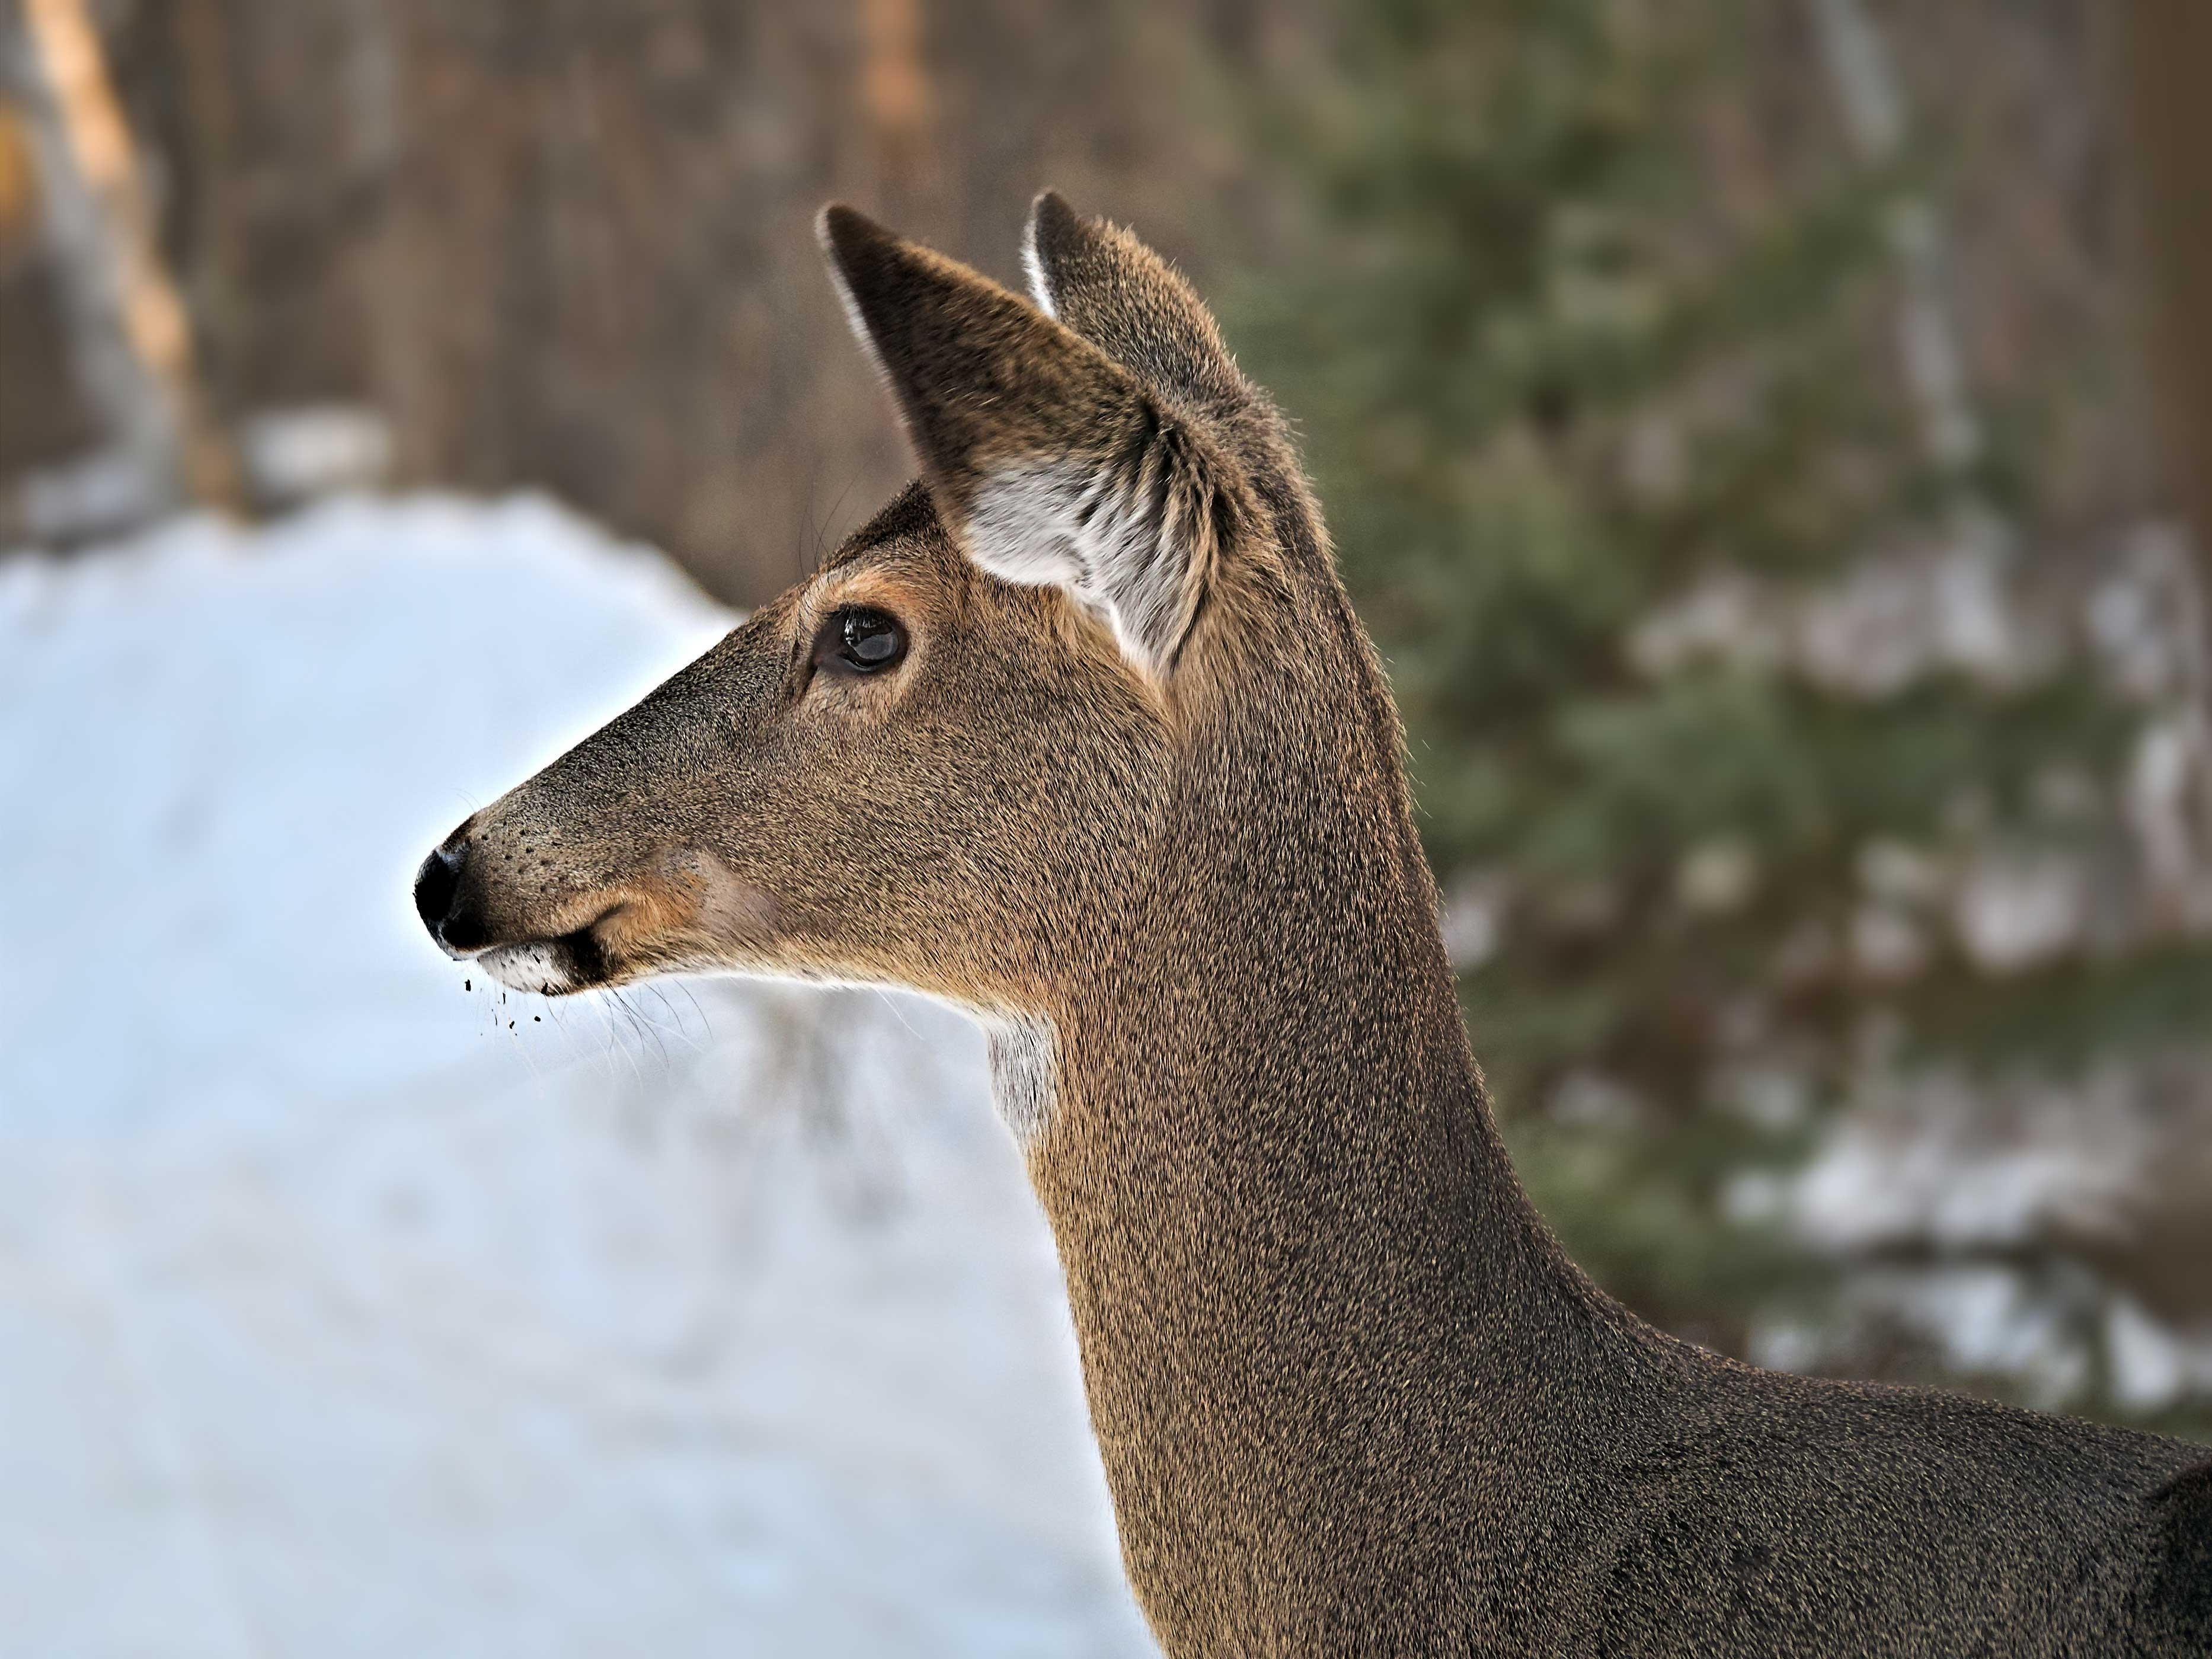 An antlerless deer